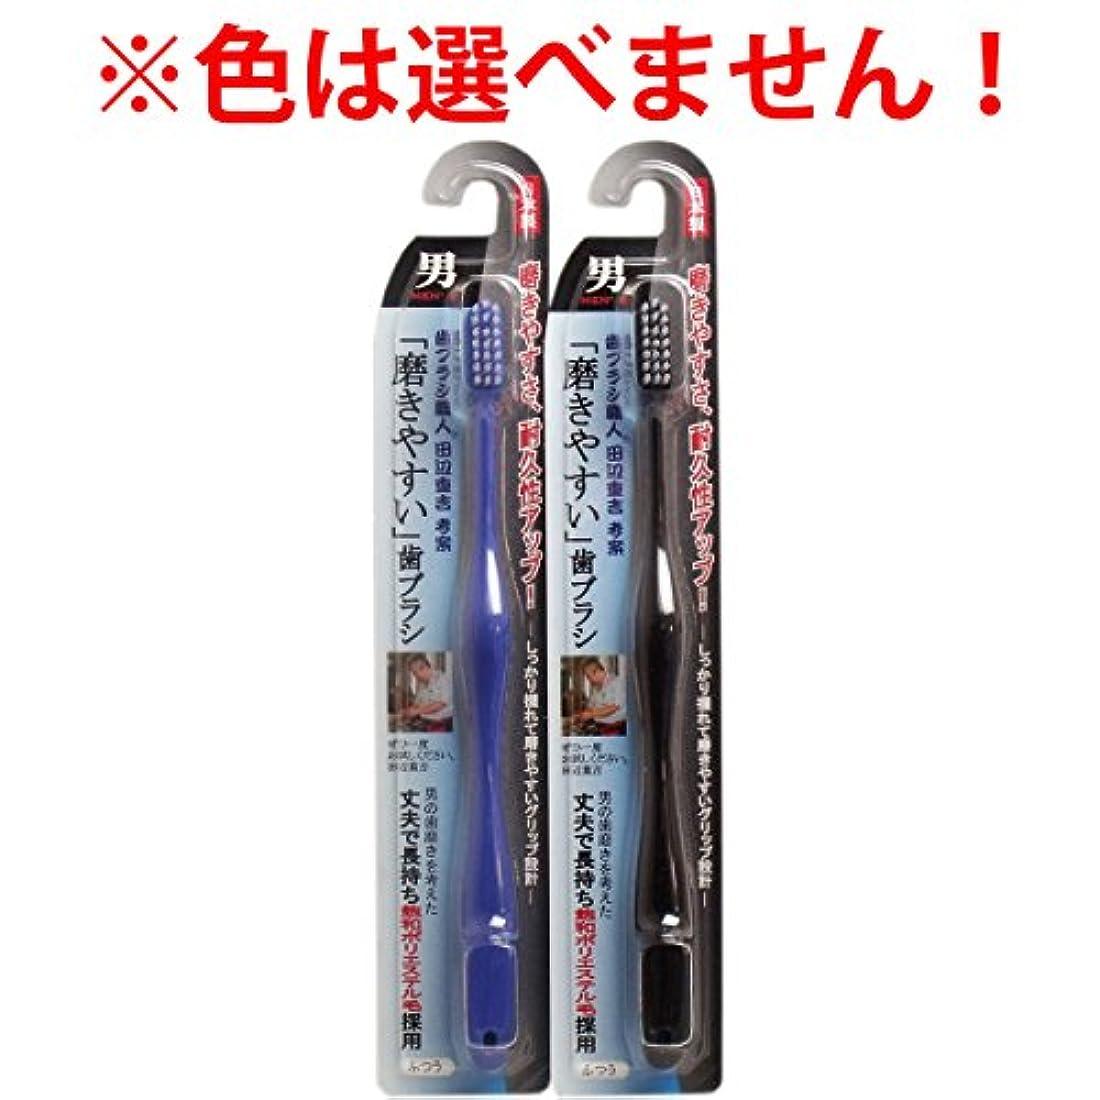 指令検査官下手ライフレンジ 「磨きやすい」歯ブラシ男 LT-08 1本